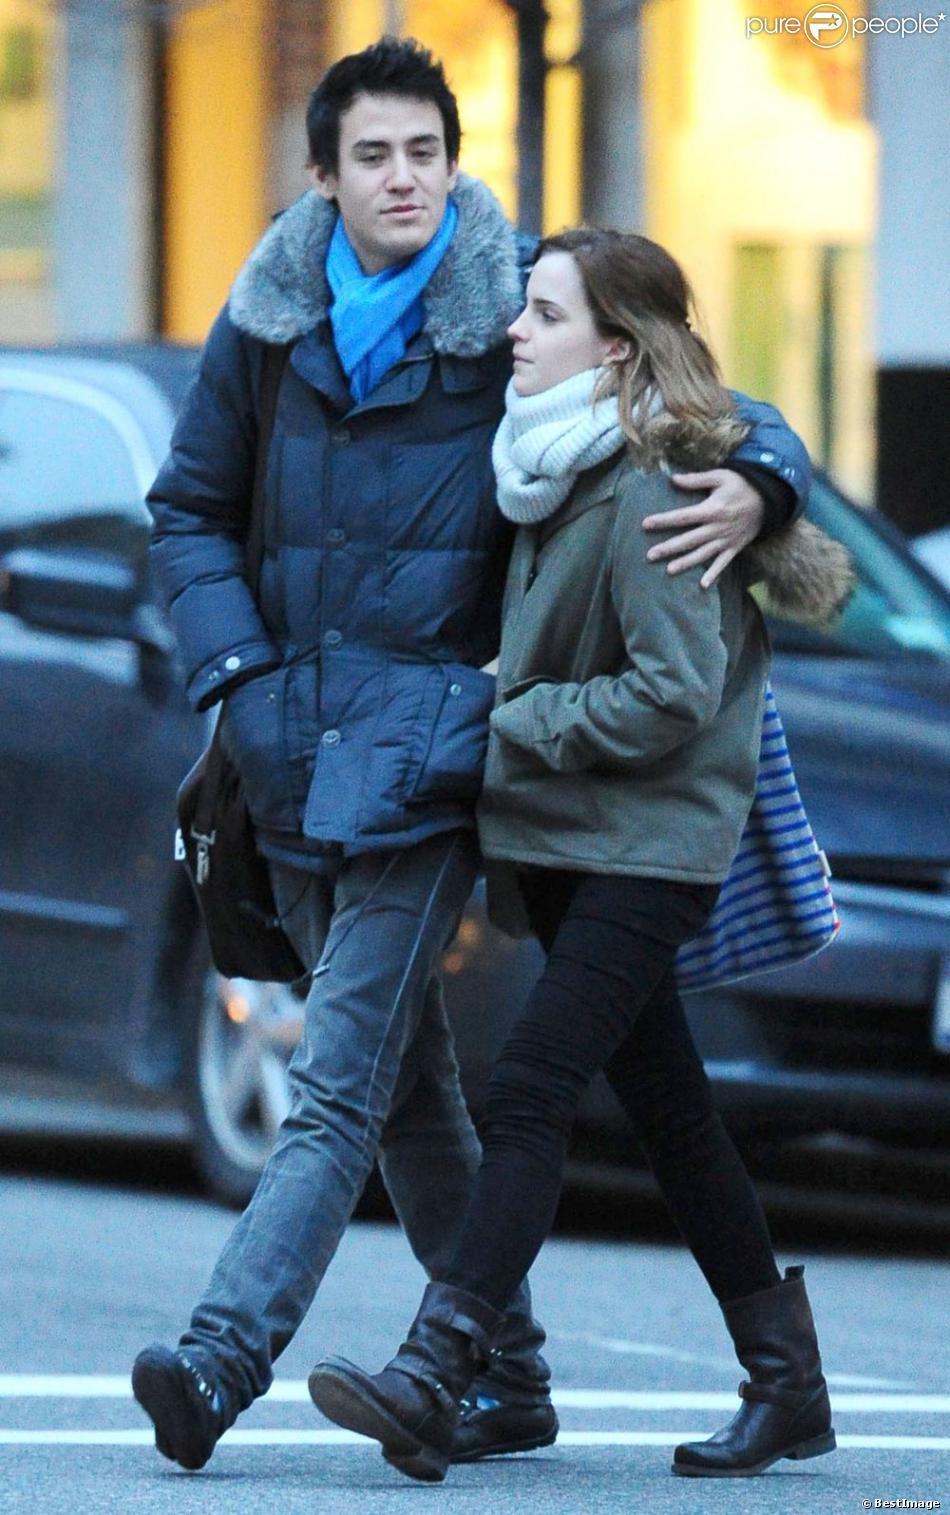 Emma Watson et son petit ami Will Adamowicz se promènent à New York, le 16 février 2013.